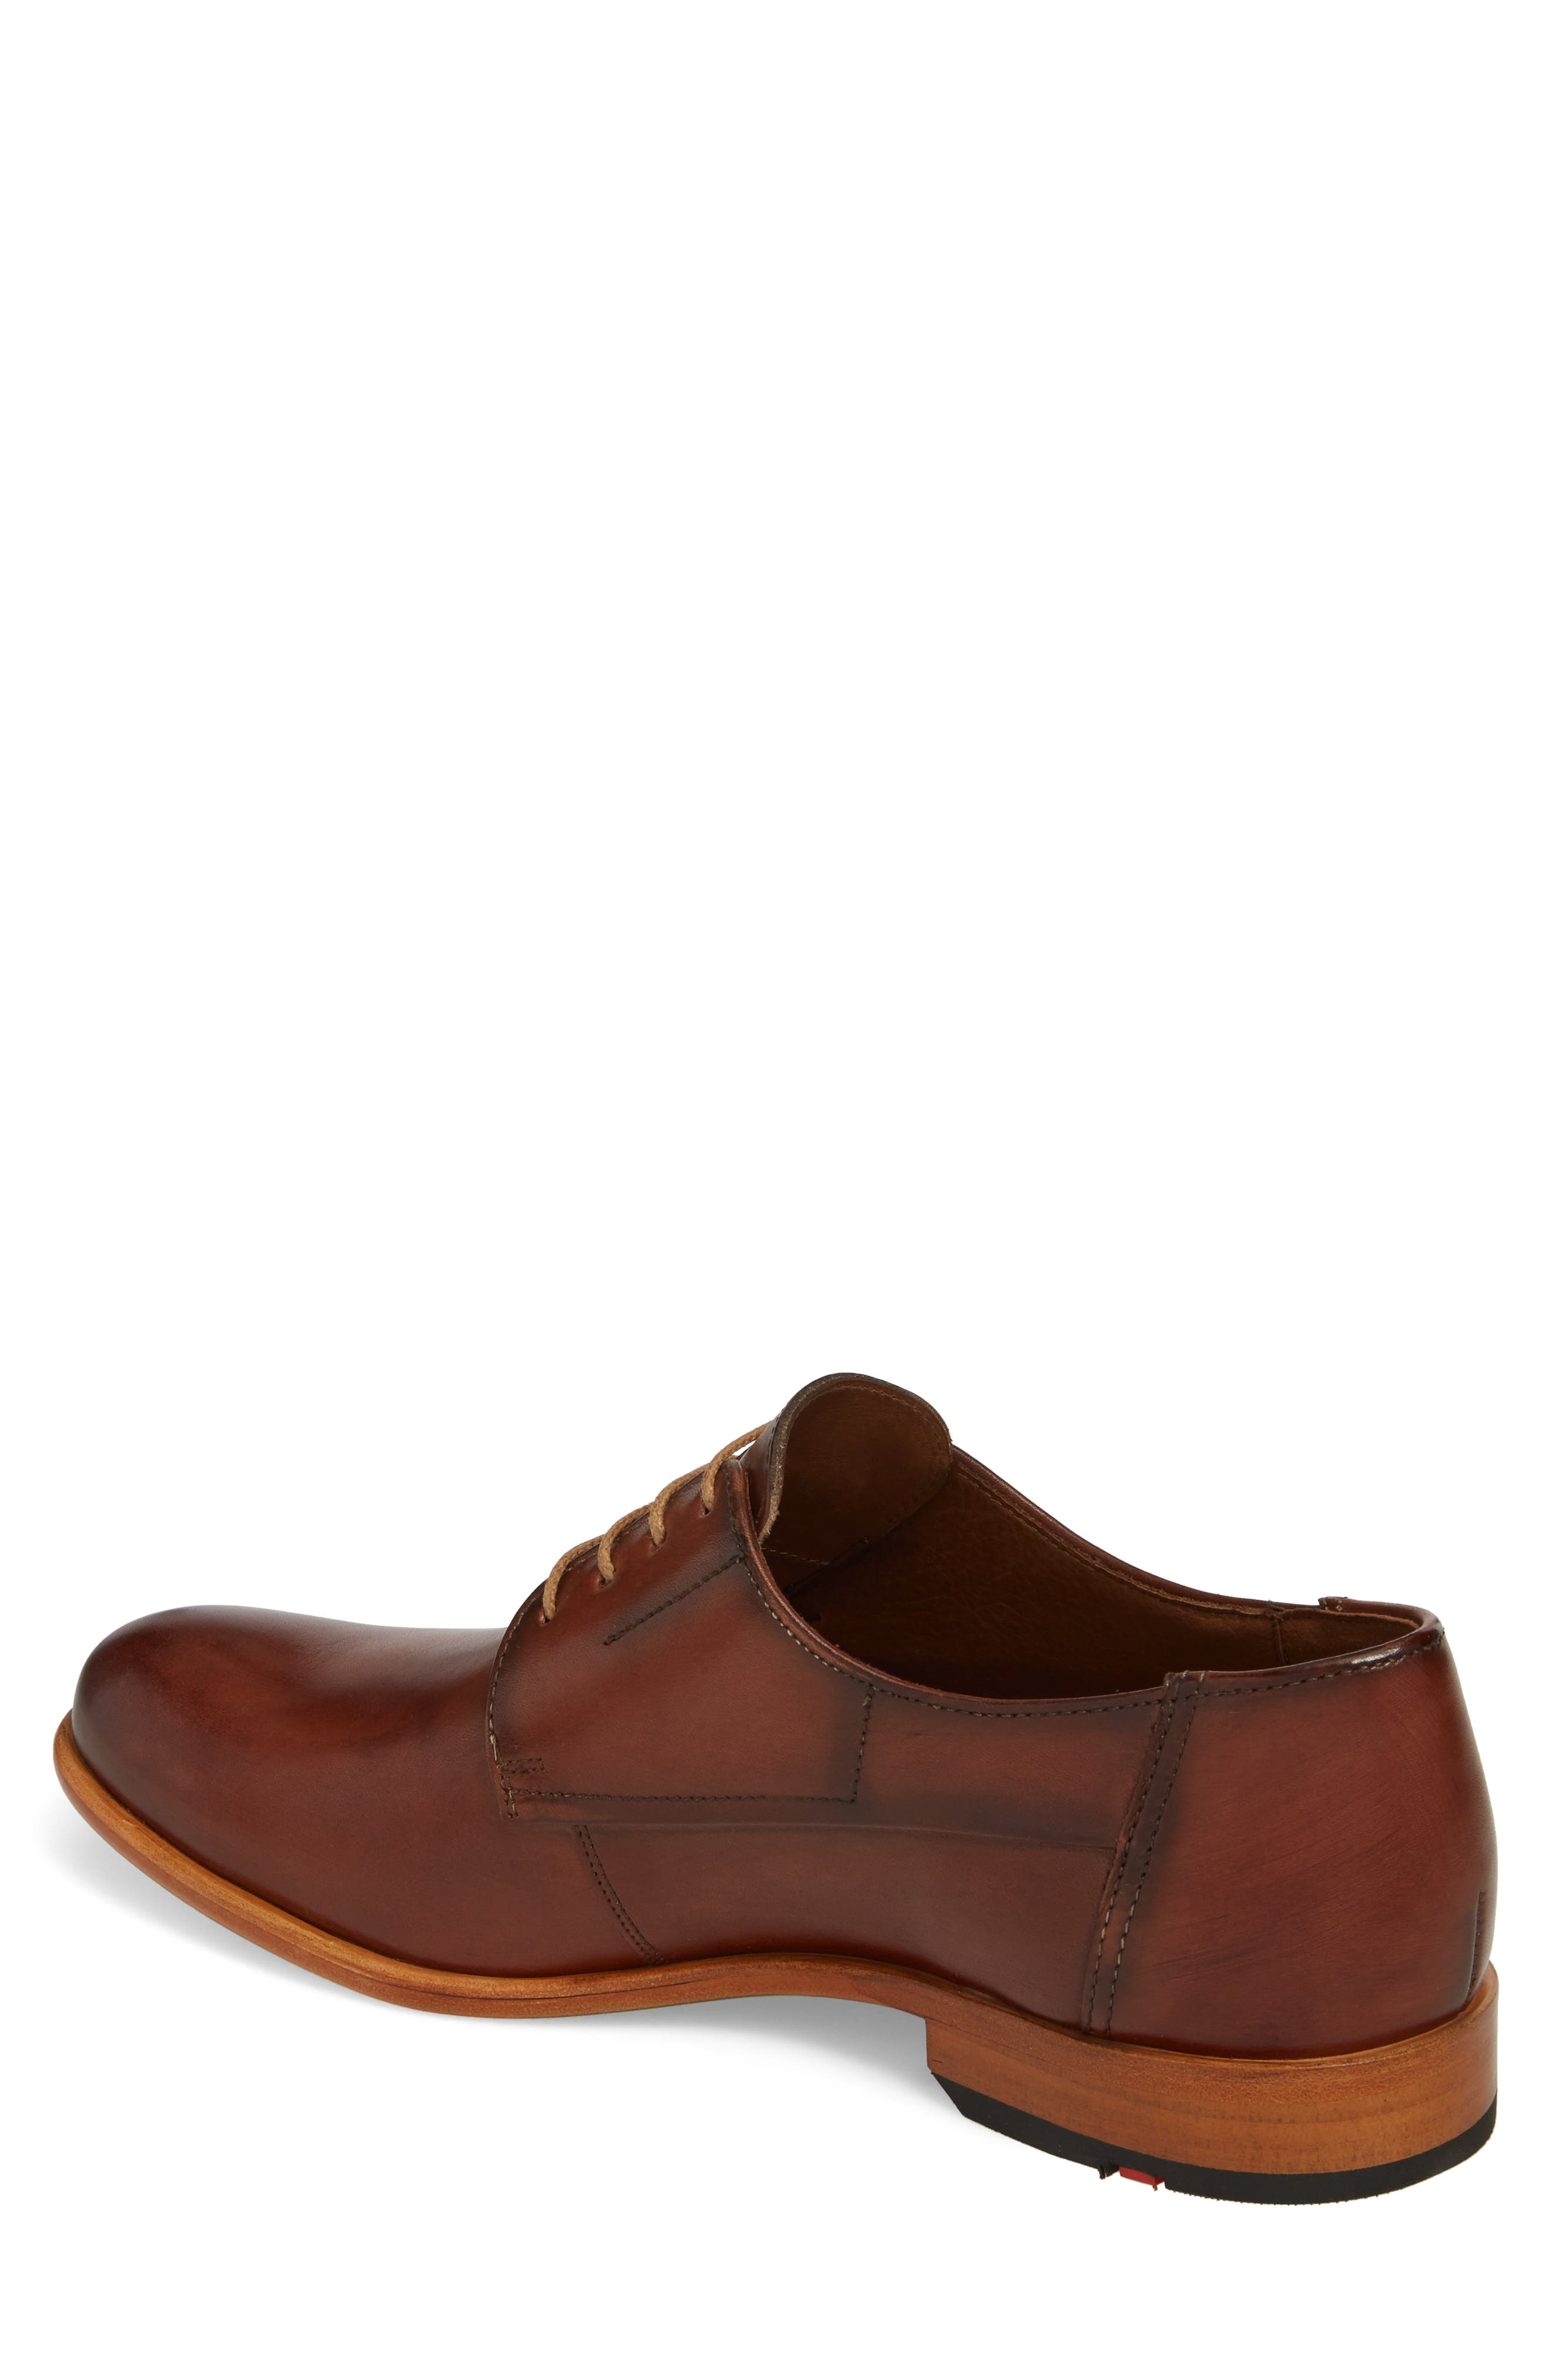 Nansen Plain Toe Derby,                             Alternate thumbnail 2, color,                             Cognac Leather